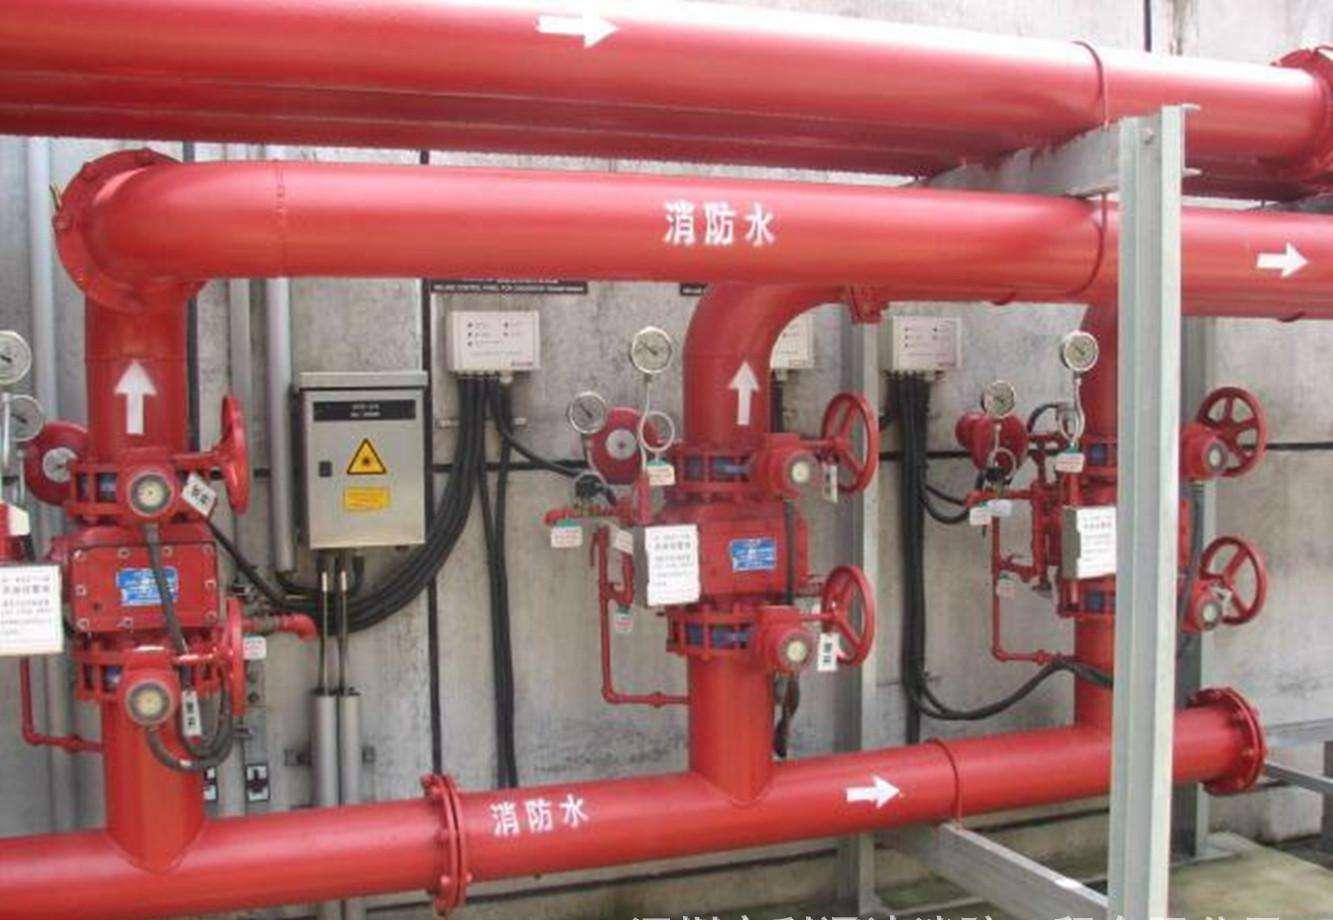 对于四川消防改造建筑工地的消防安全管理